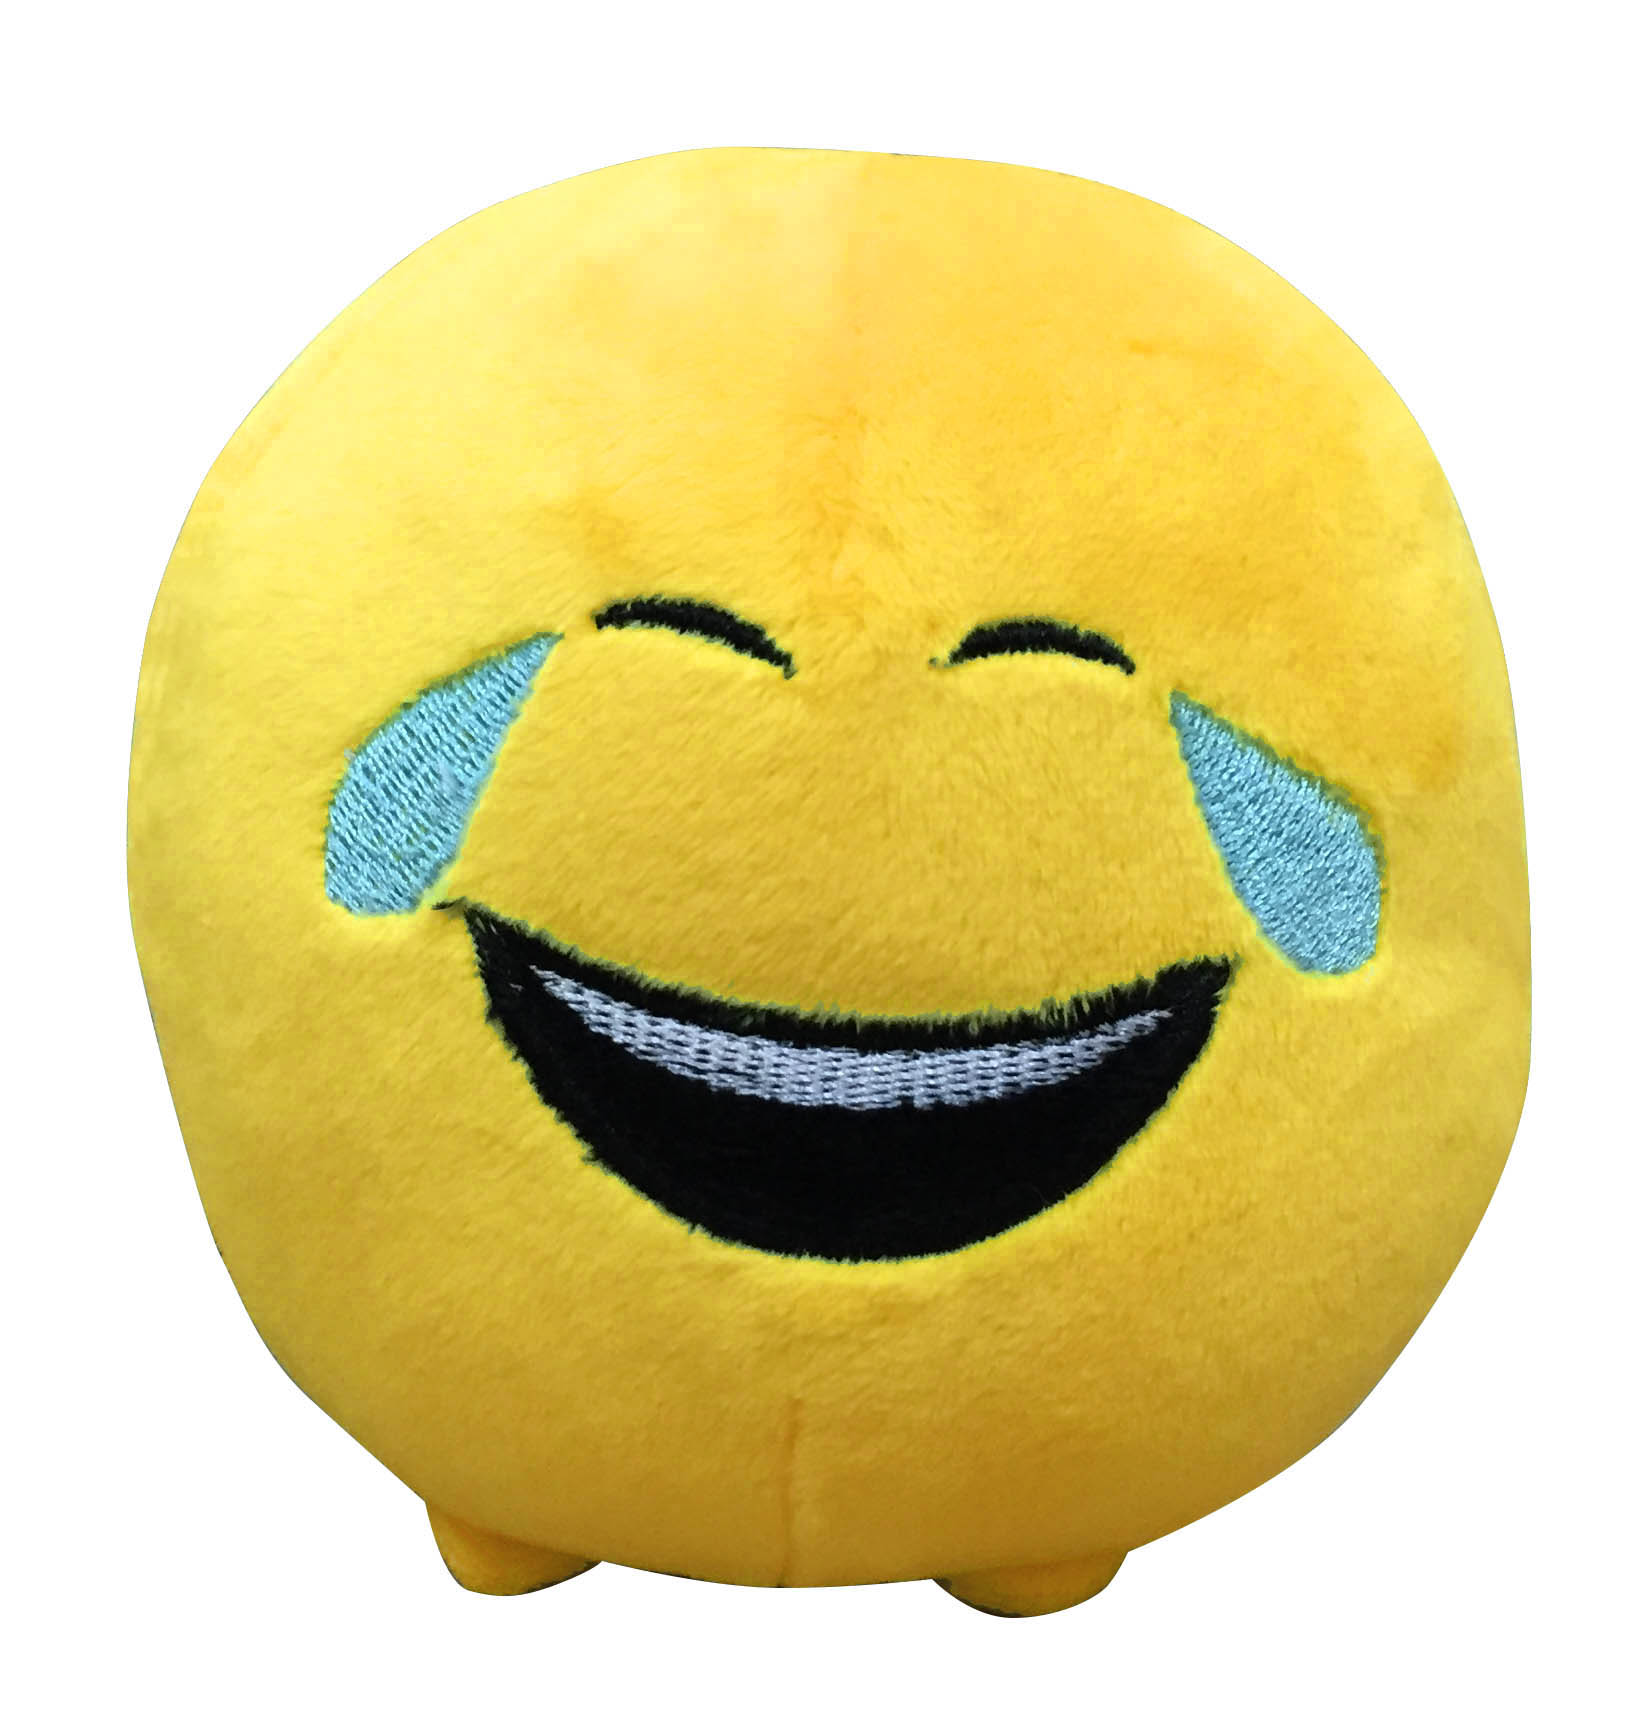 Мягкая игрушка Imoji. Слёзы радости (11 см)Представляем вашему вниманию мягкую игрушку Imoji. Слёзы радости в виде одного из смайлов самого популярного месенджера WhatsApp.<br>